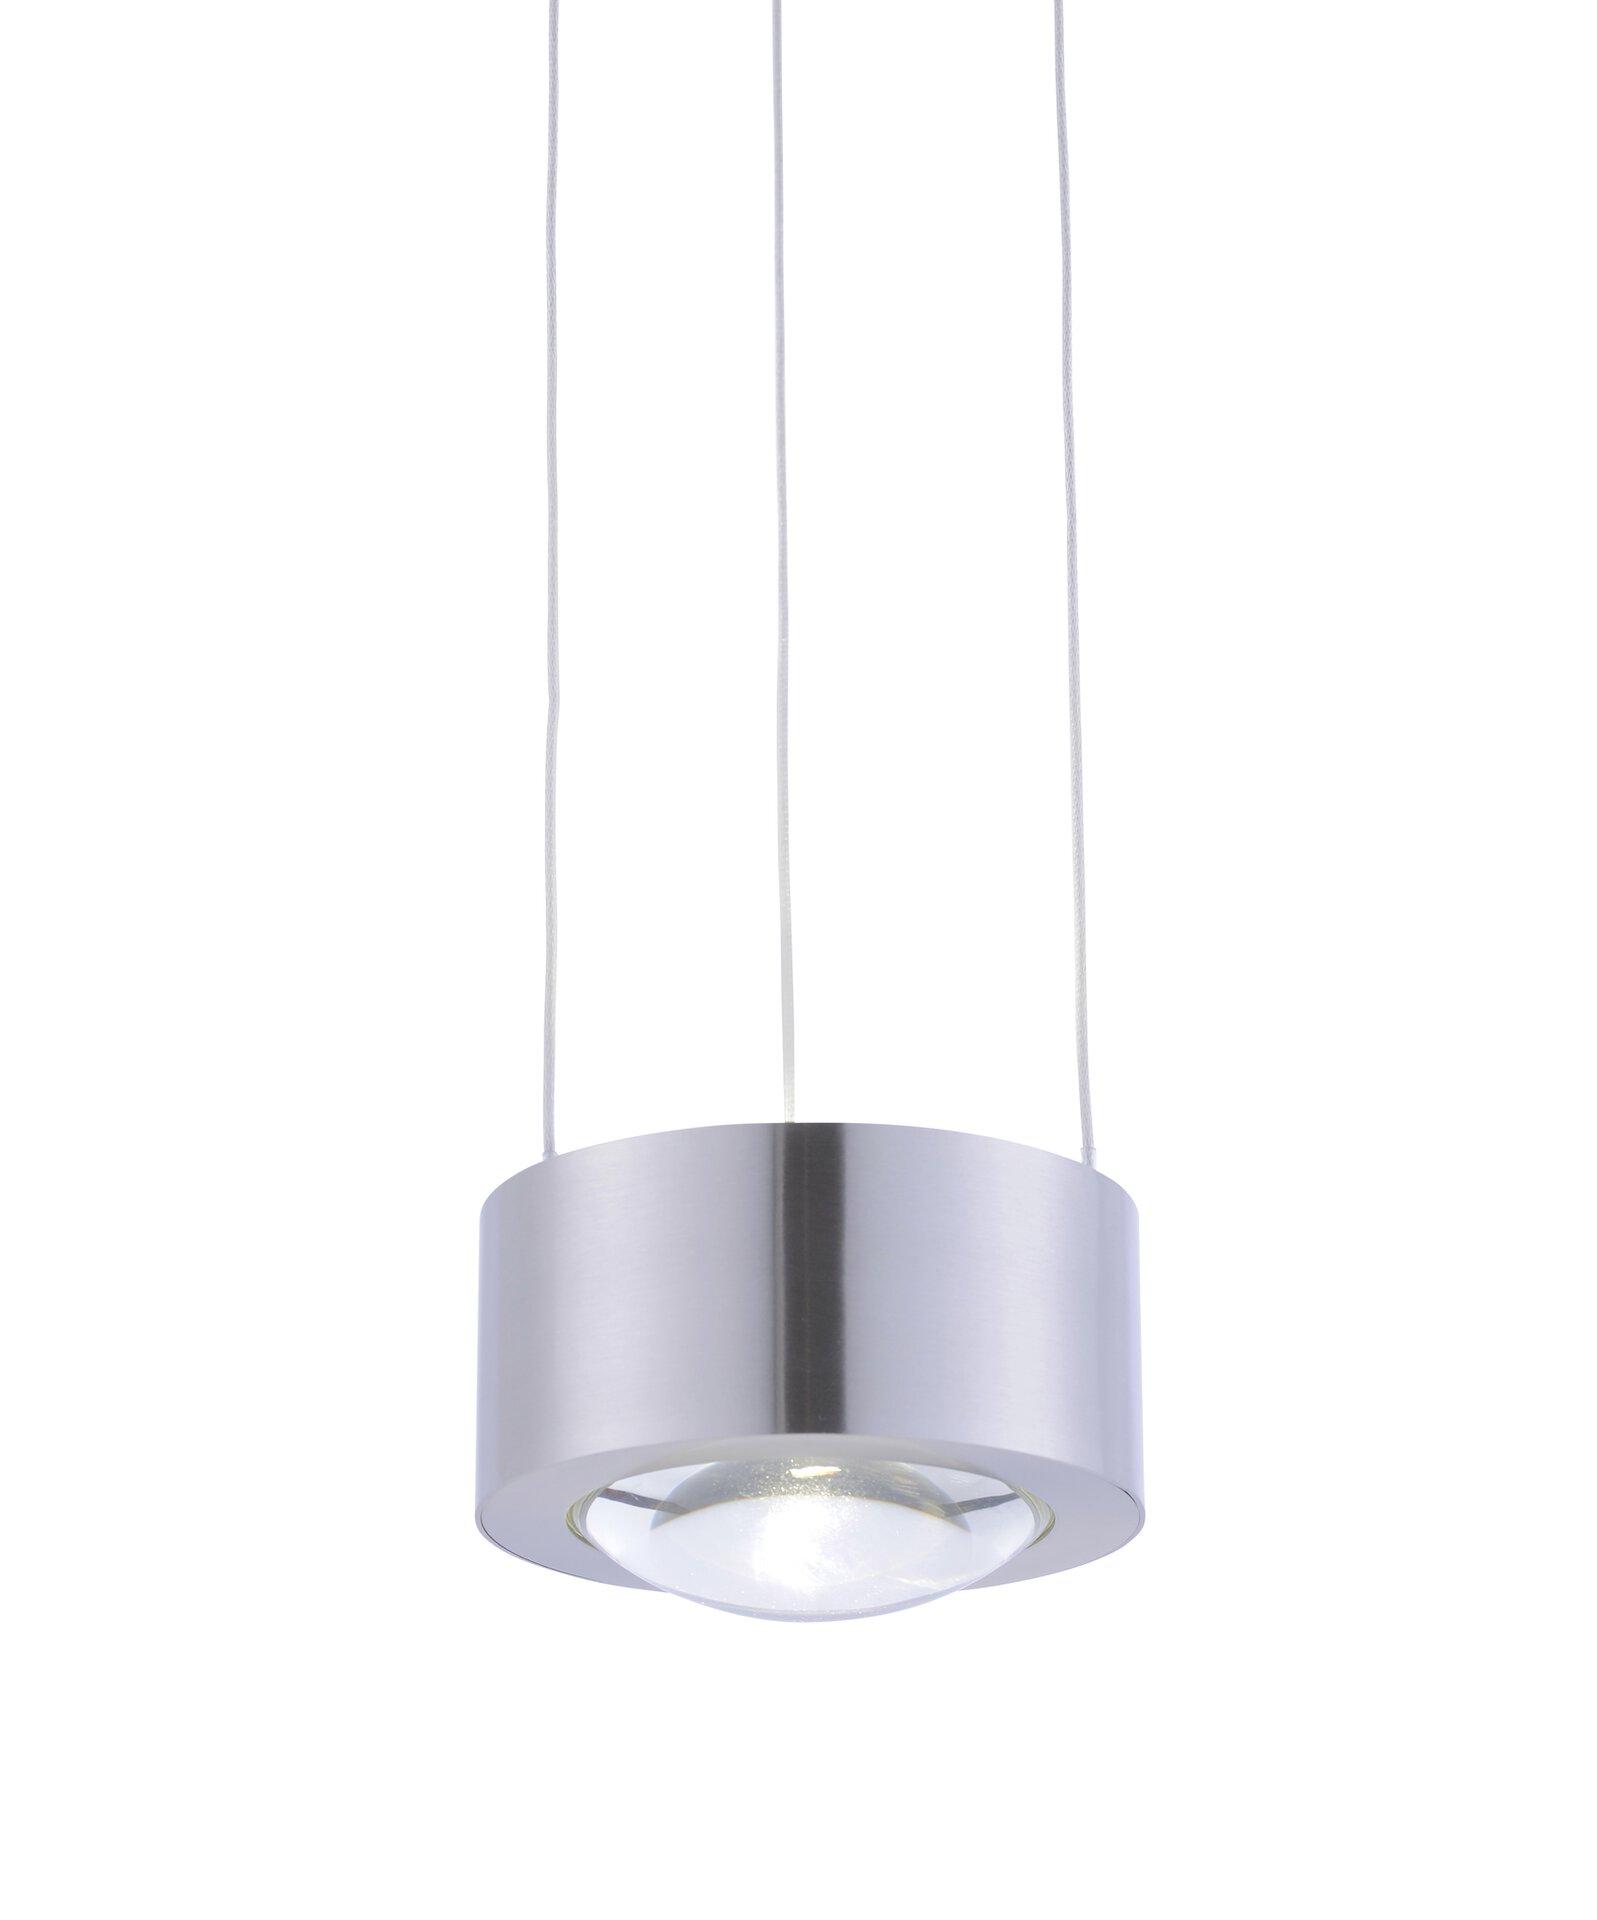 Smart-Home-Leuchten Q-LENS Paul Neuhaus Metall silber 16 x 120 x 16 cm